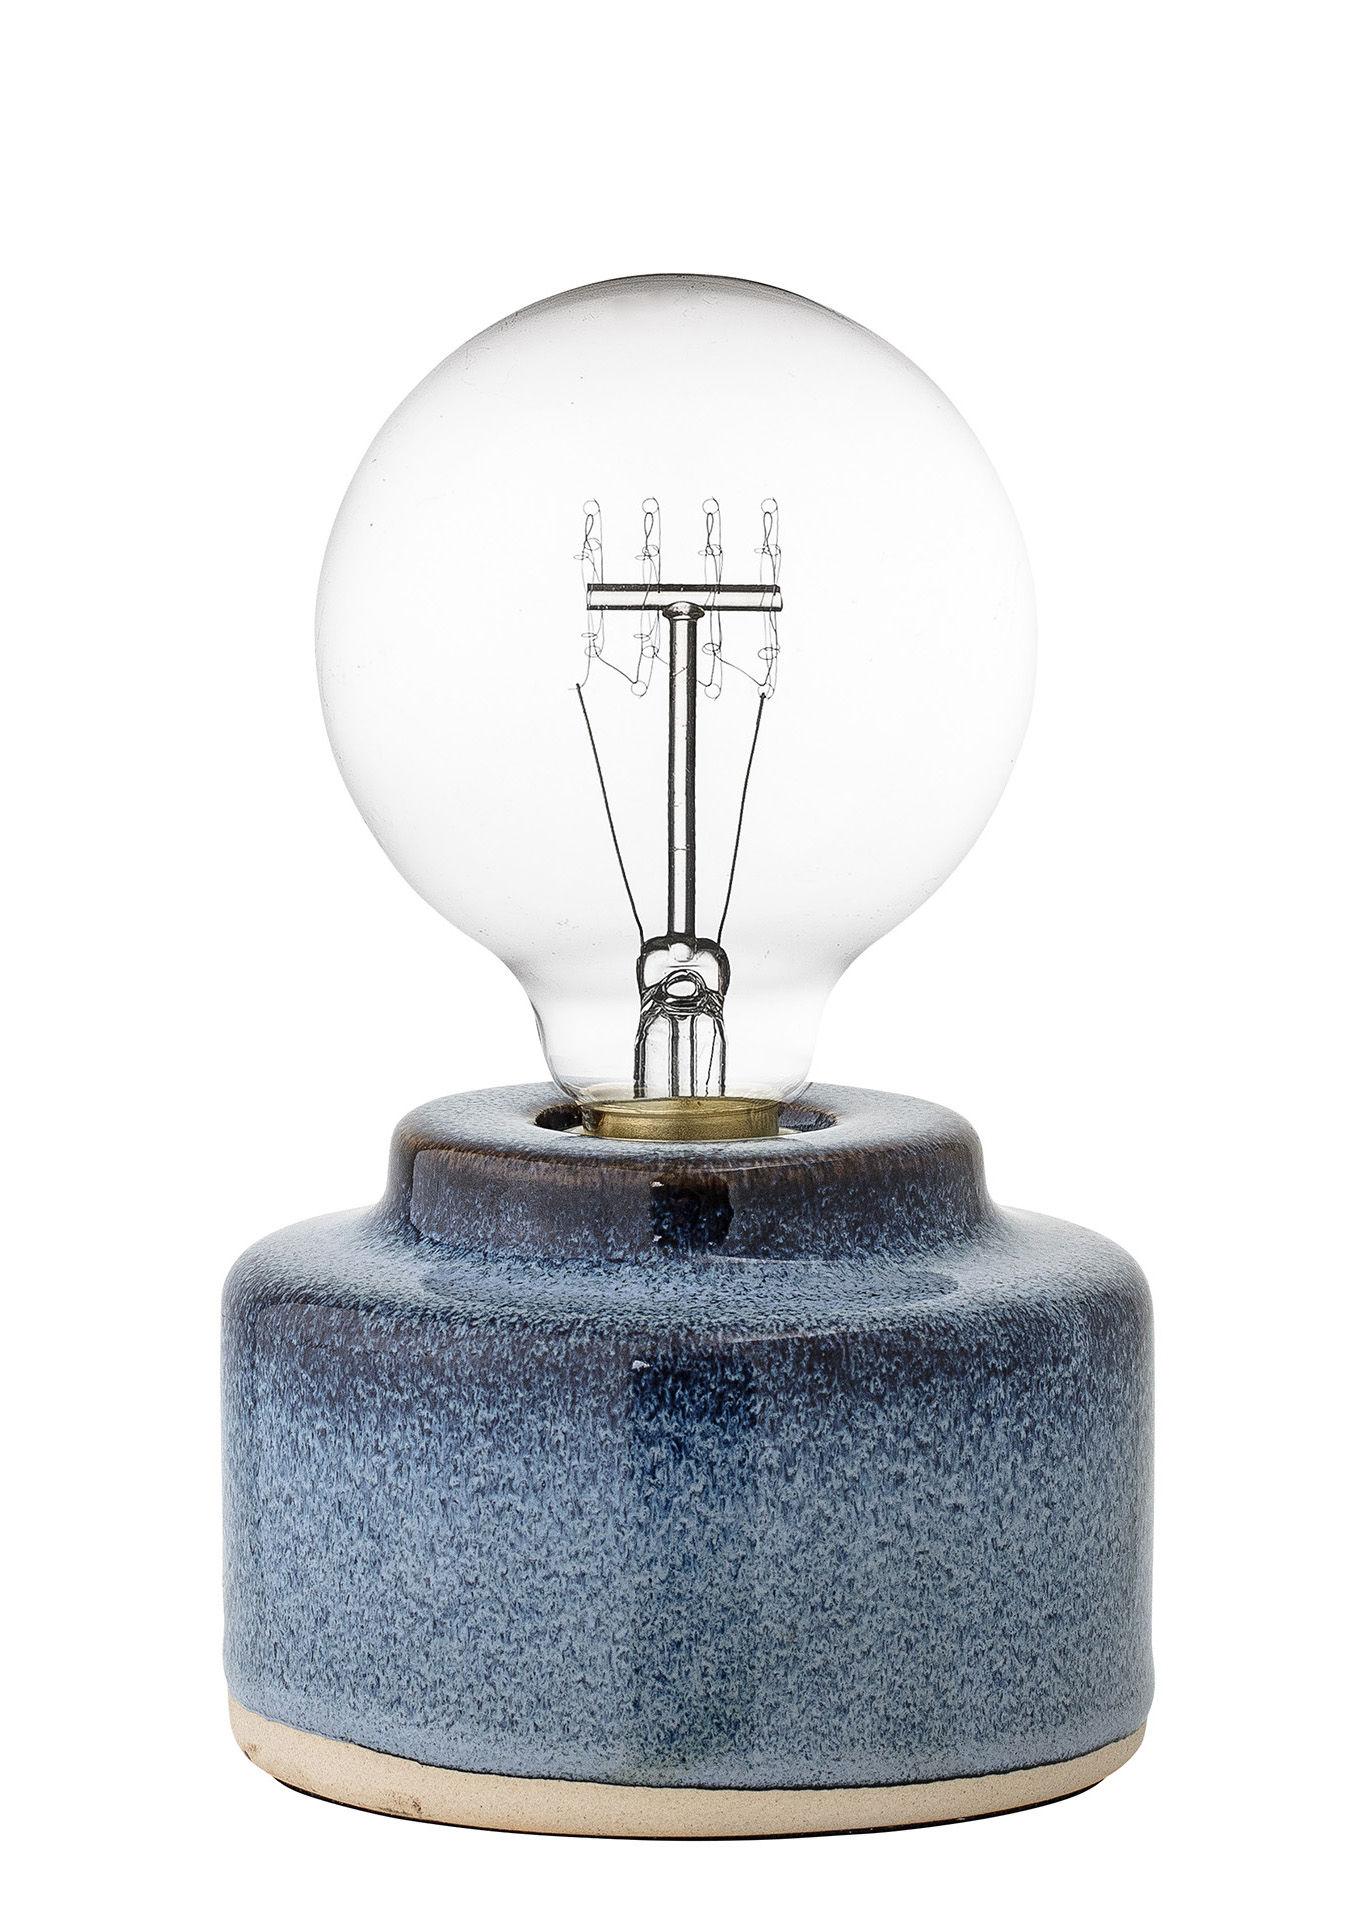 Luminaire - Lampes de table - Lampe de table / Porcelaine - Ø 12 x H 9 cm - Bloomingville - Bleu - Porcelaine